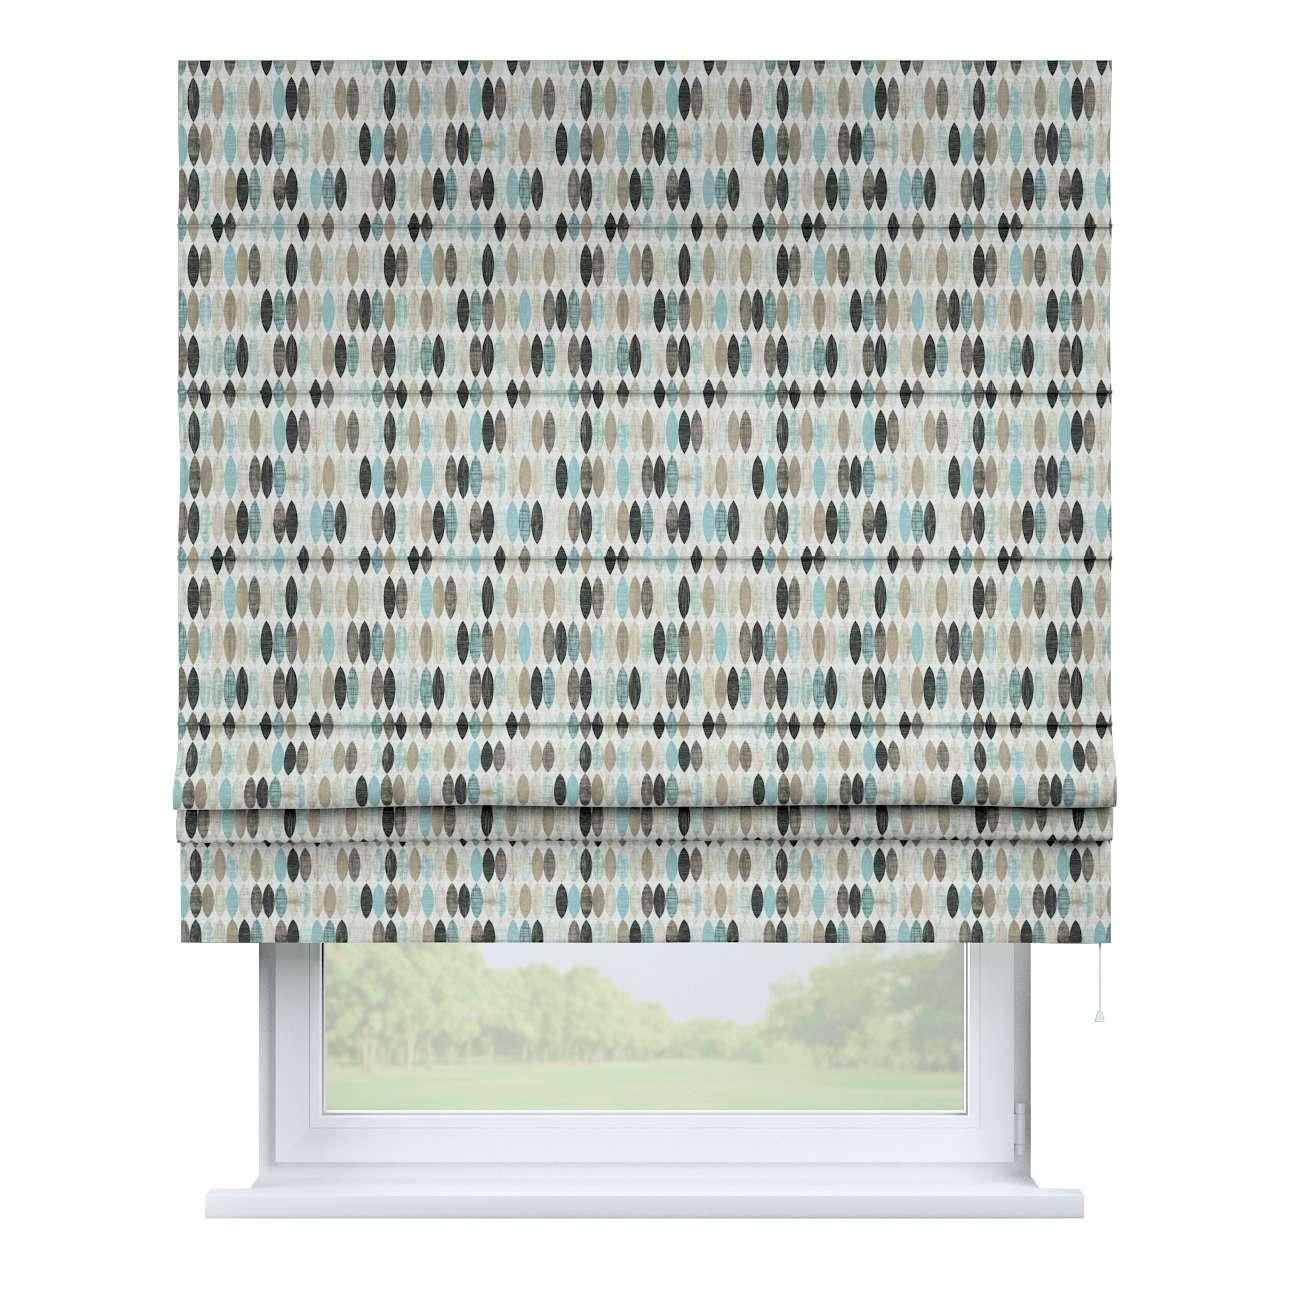 Raffrollo Padva, blau-beige, 100 × 170 cm, Modern | Heimtextilien > Jalousien und Rollos > Raffrollos | Dekoria